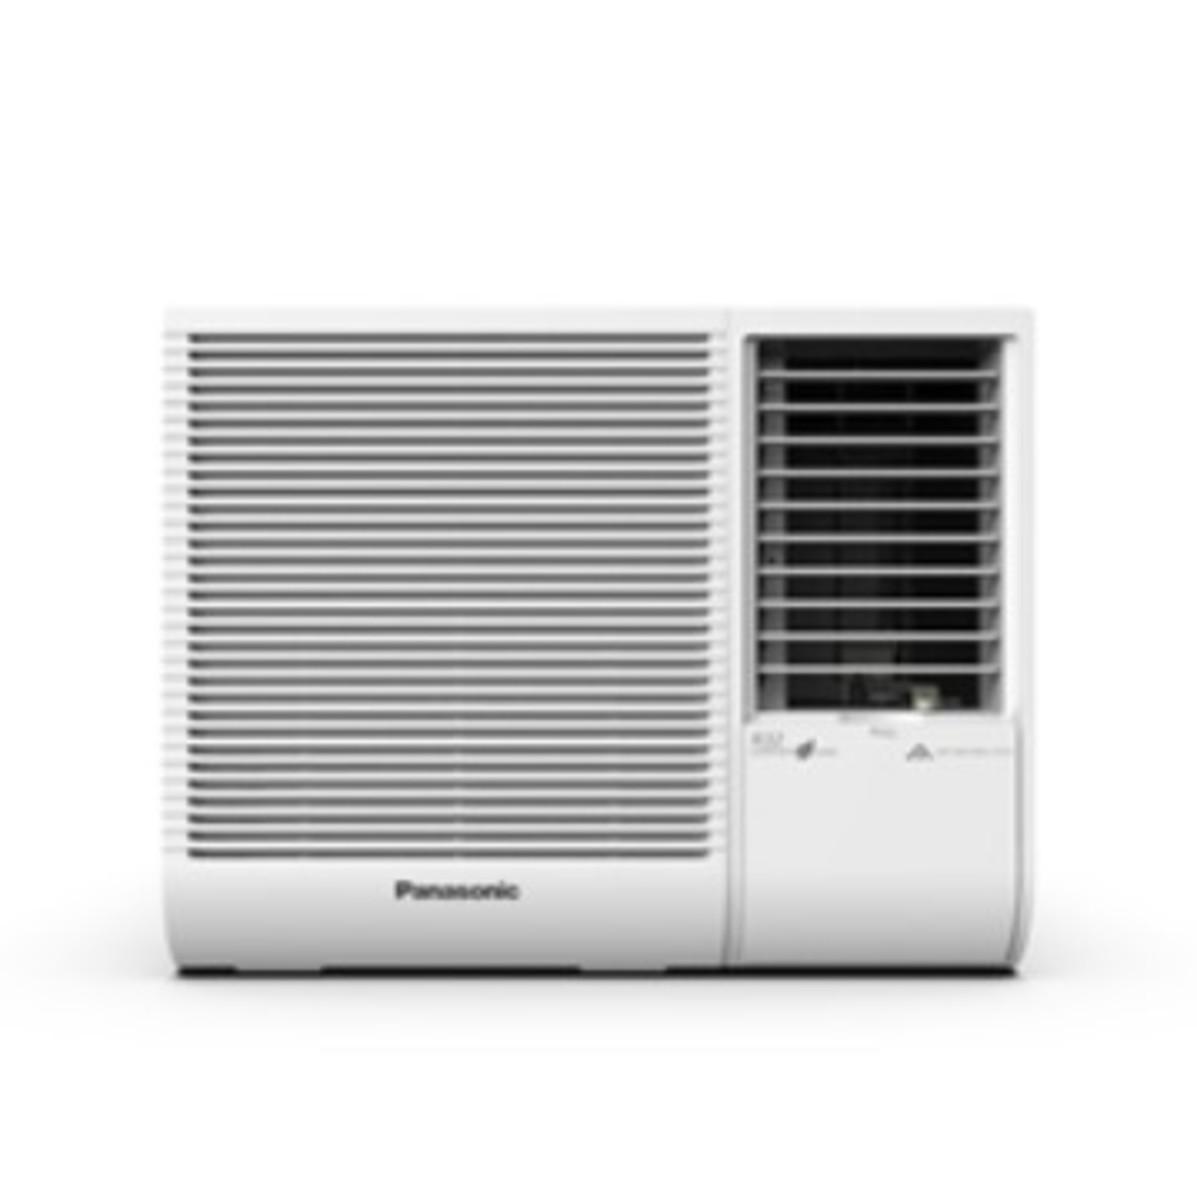 CWN719JA 3/4 匹 窗口式空調機 (淨冷型)